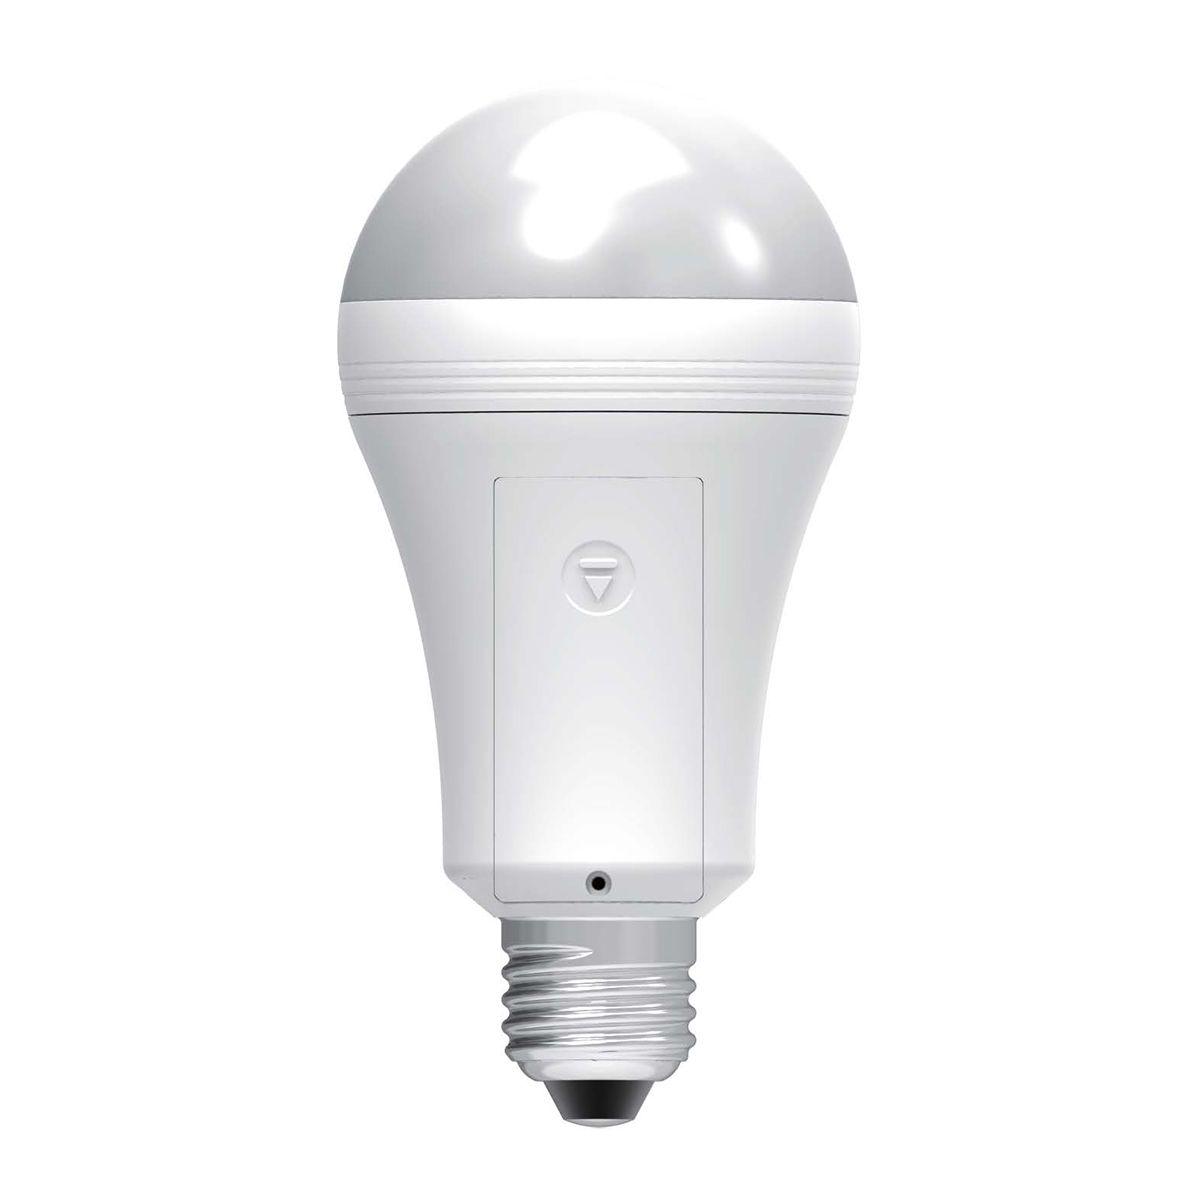 Sengled Everbright 3 5 Hrs Of Light Light Bulb Bulb Battery Lights